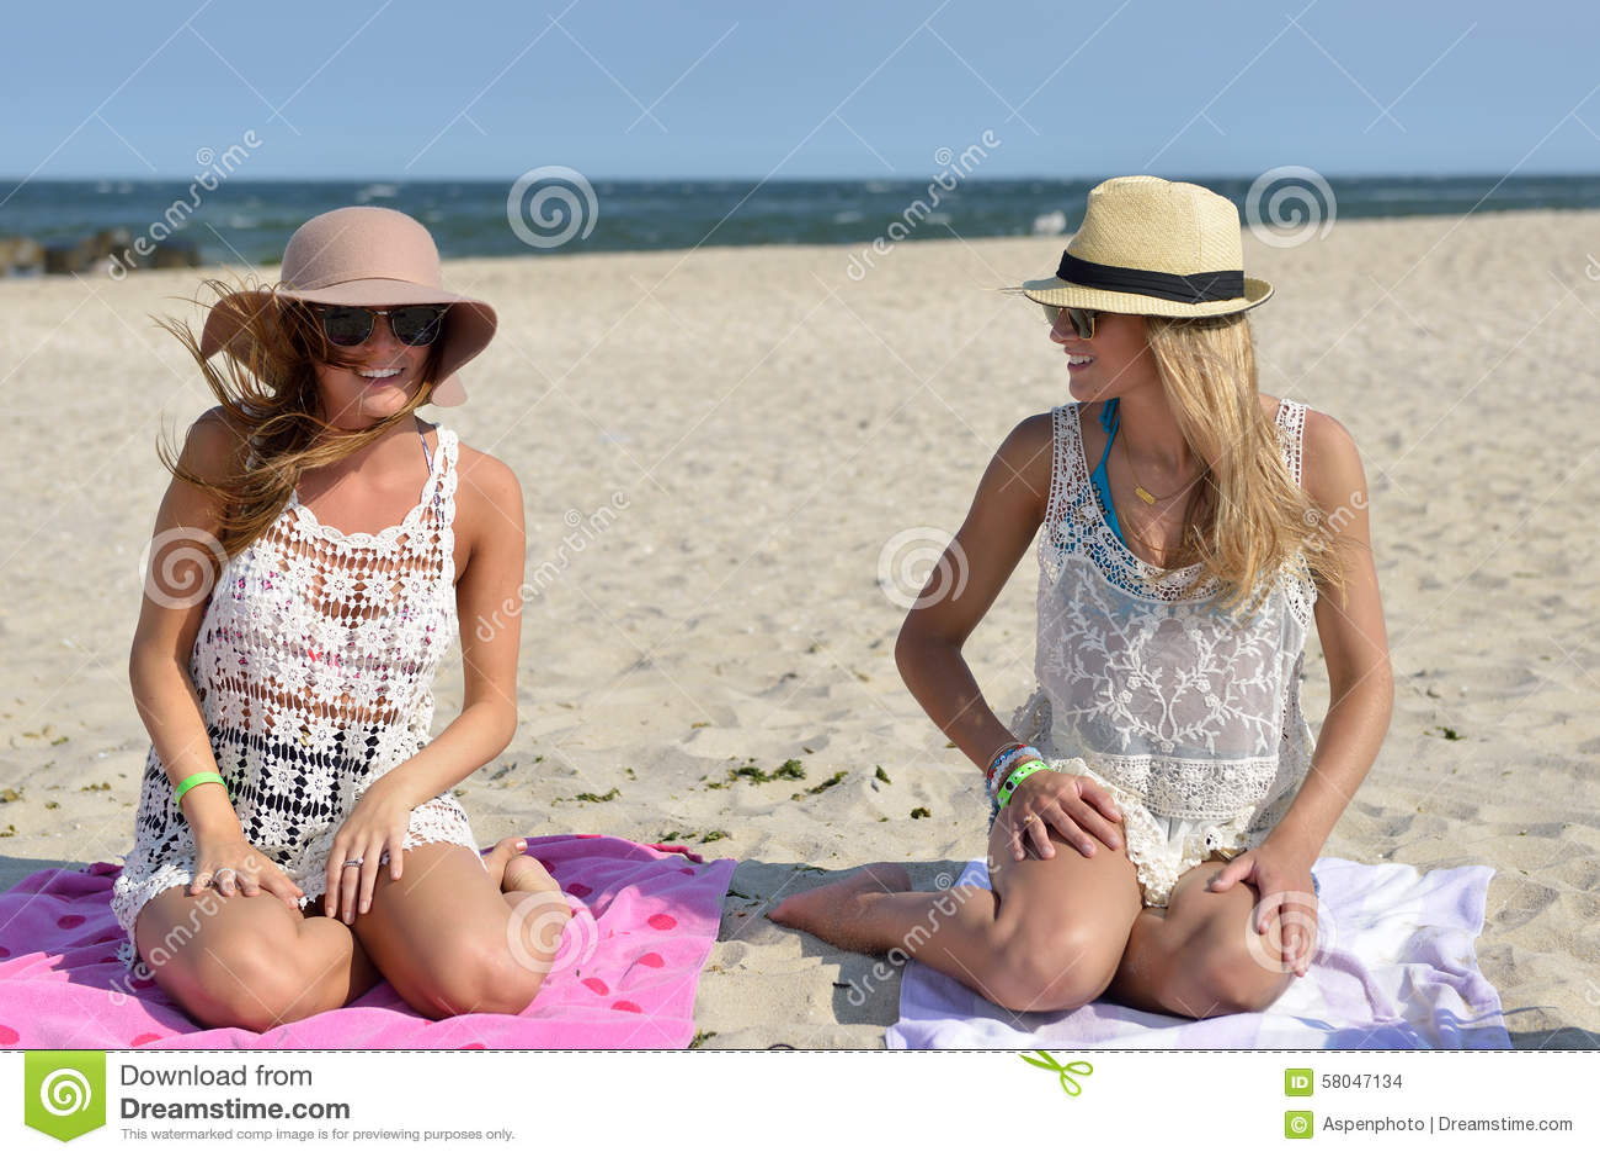 Jour sur la plage - deux femmes s asseyent sur le sable